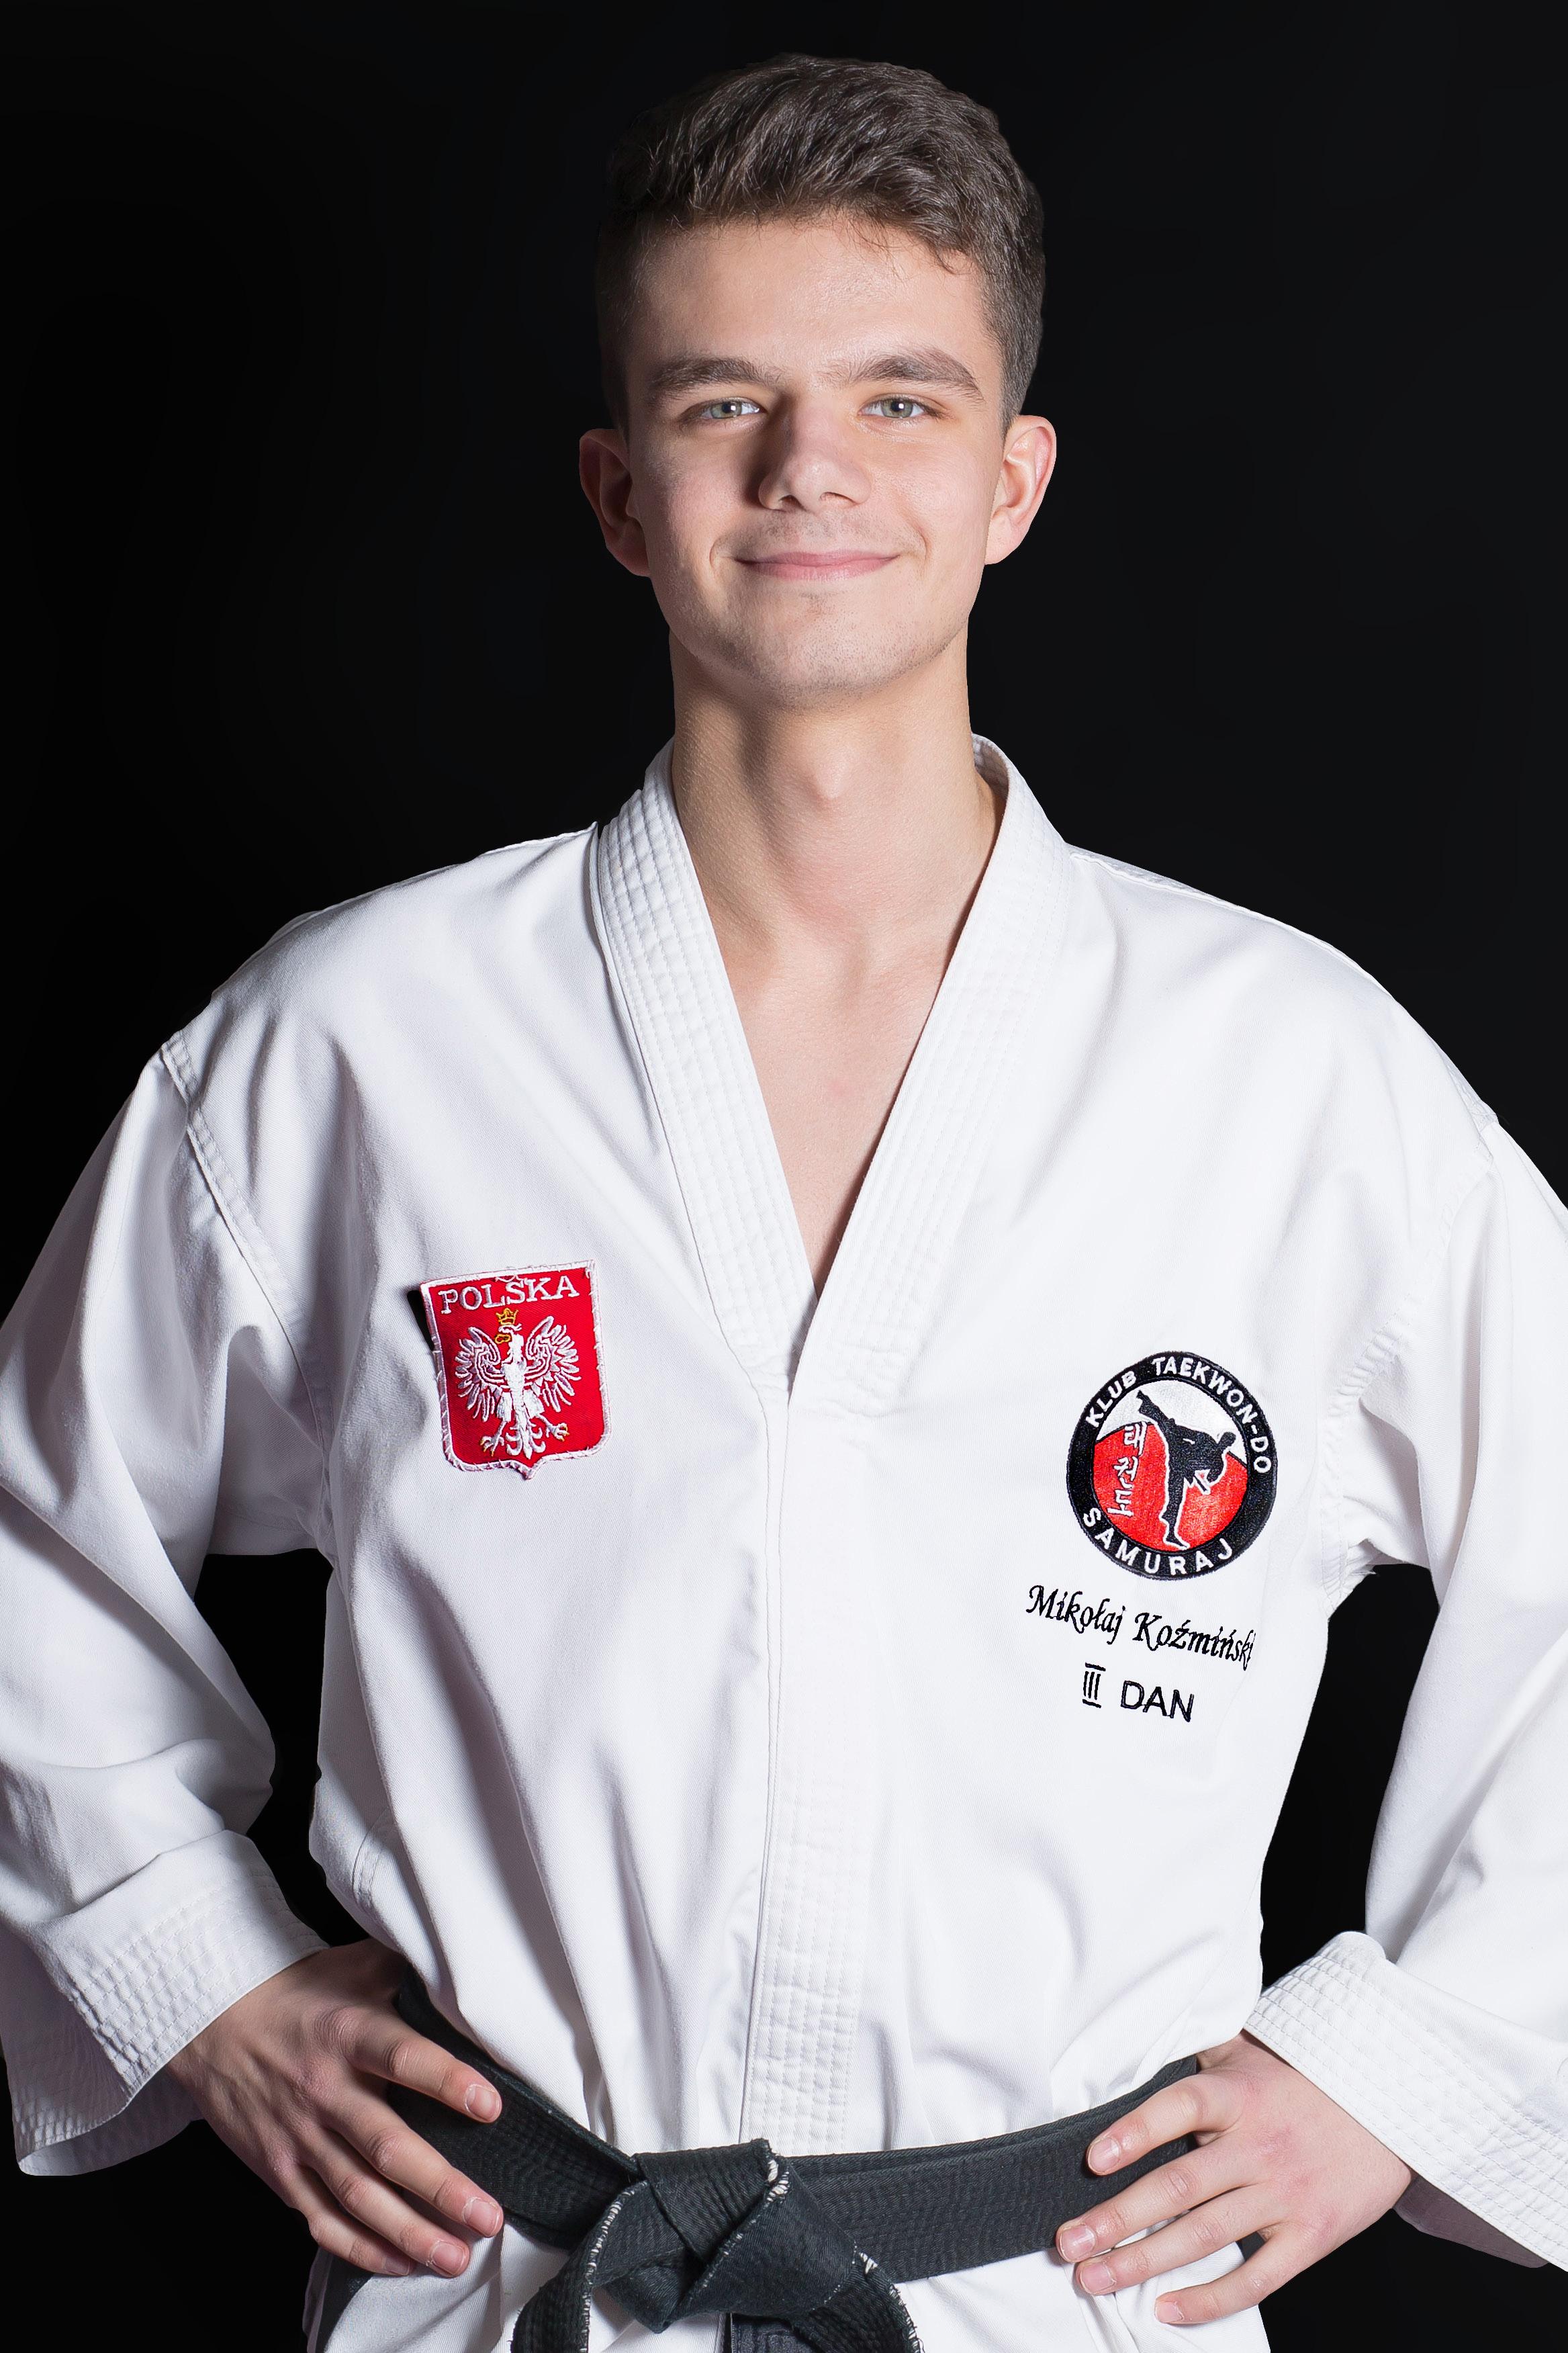 Mikołaj Koźmiński